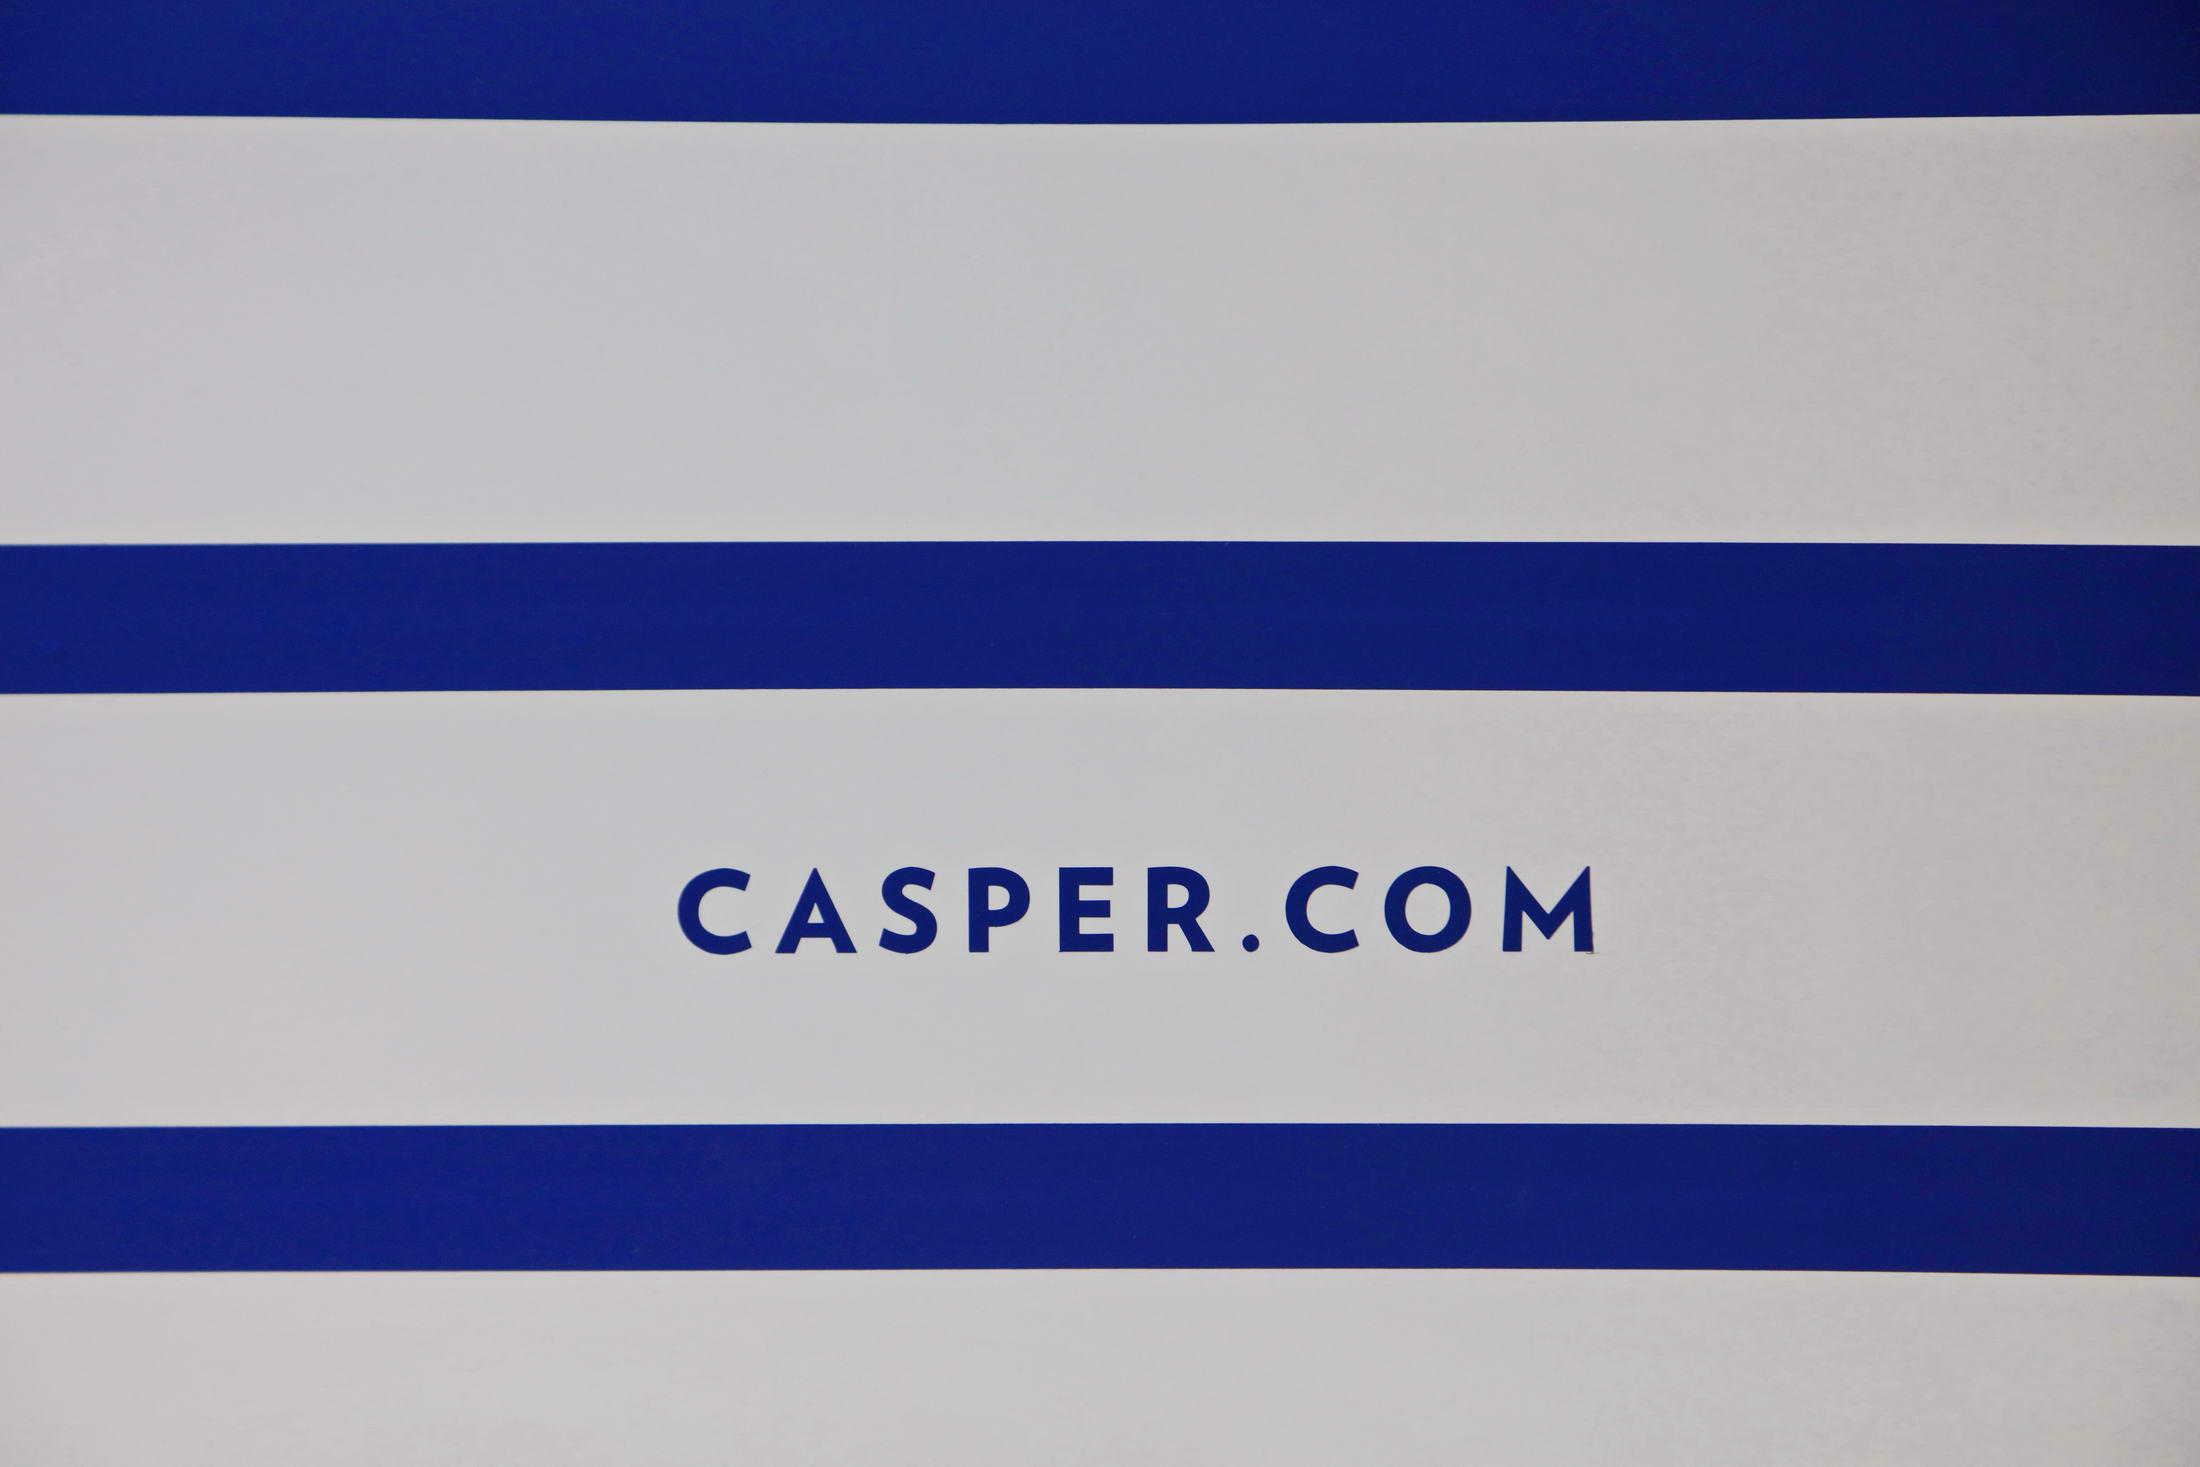 Casper Gregor Anthes